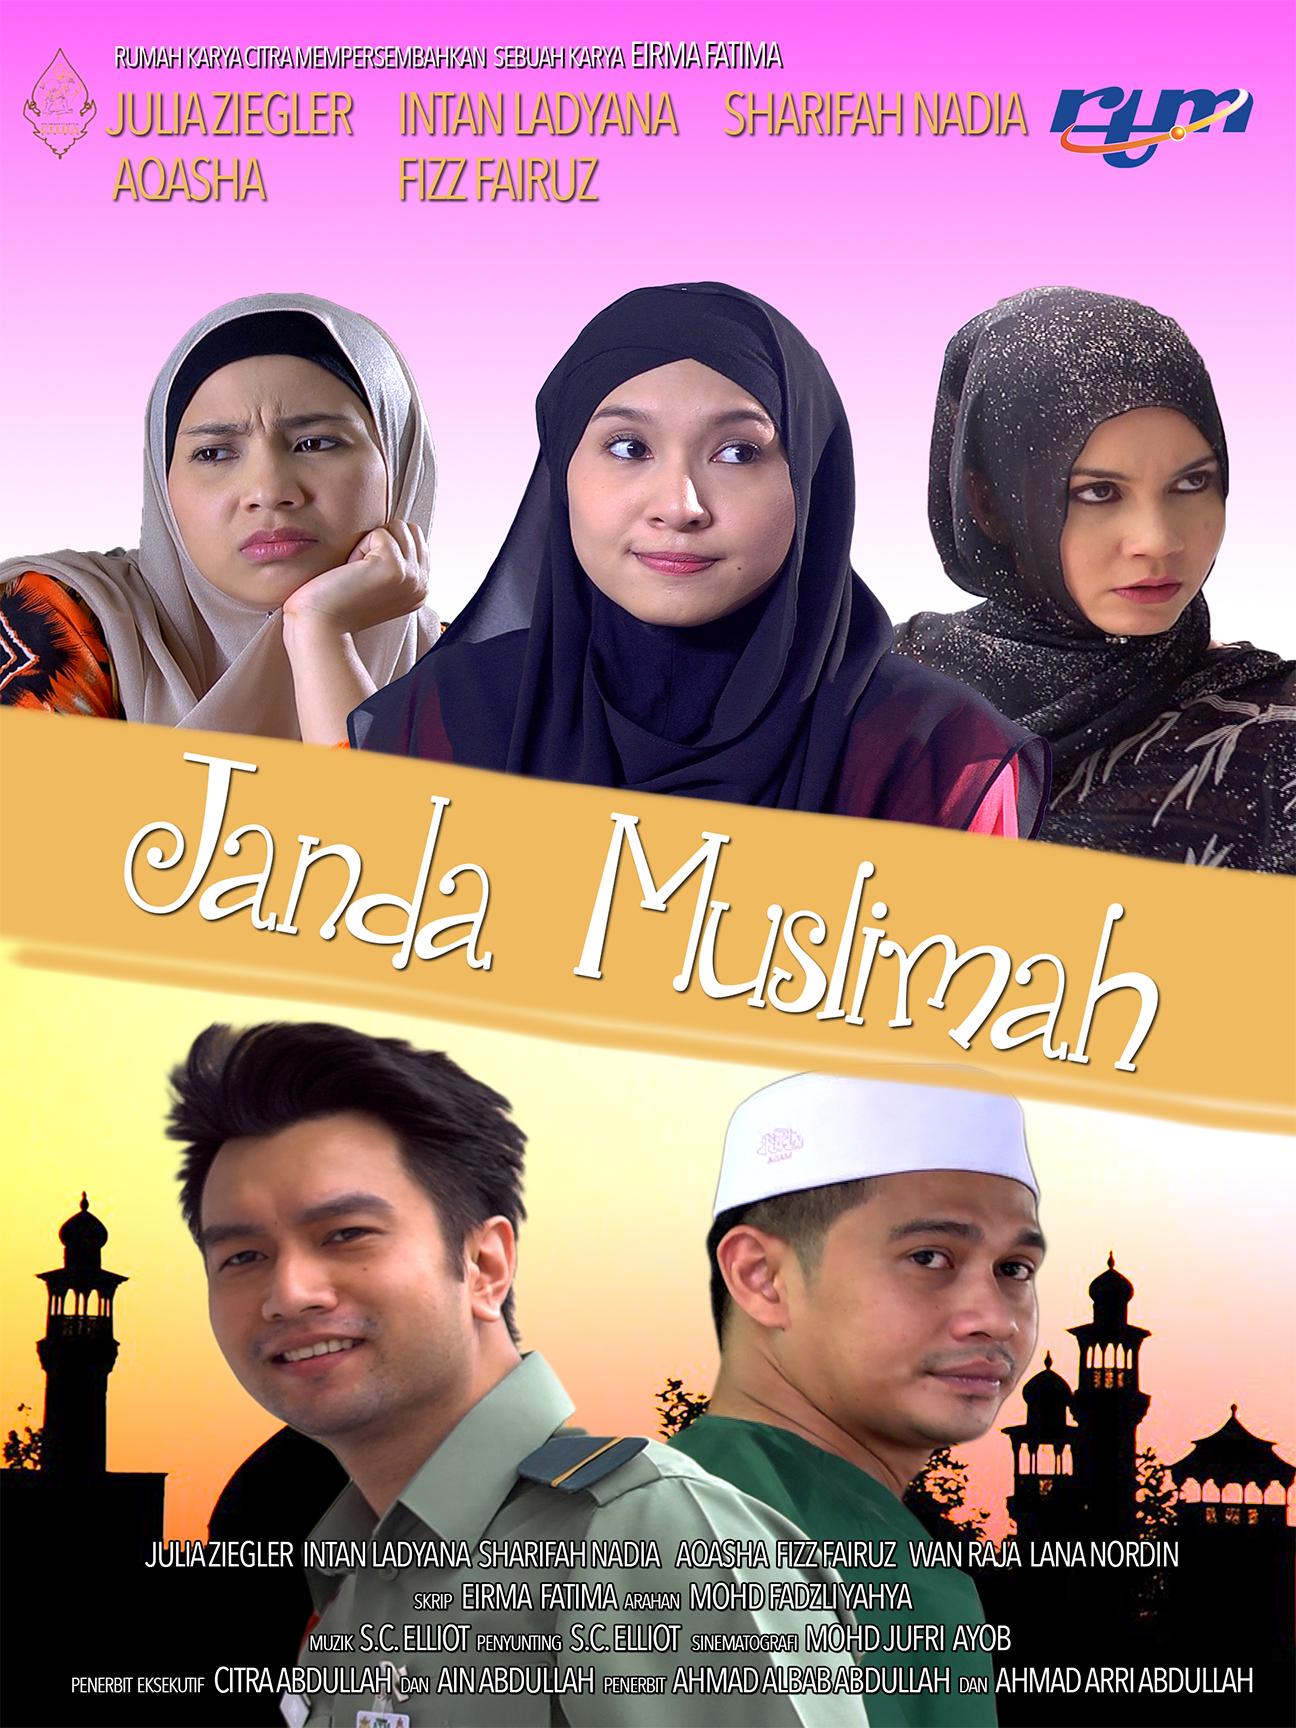 Siaran Media Kisah Janda Muslimah Cari Calon Suami Di Tv2